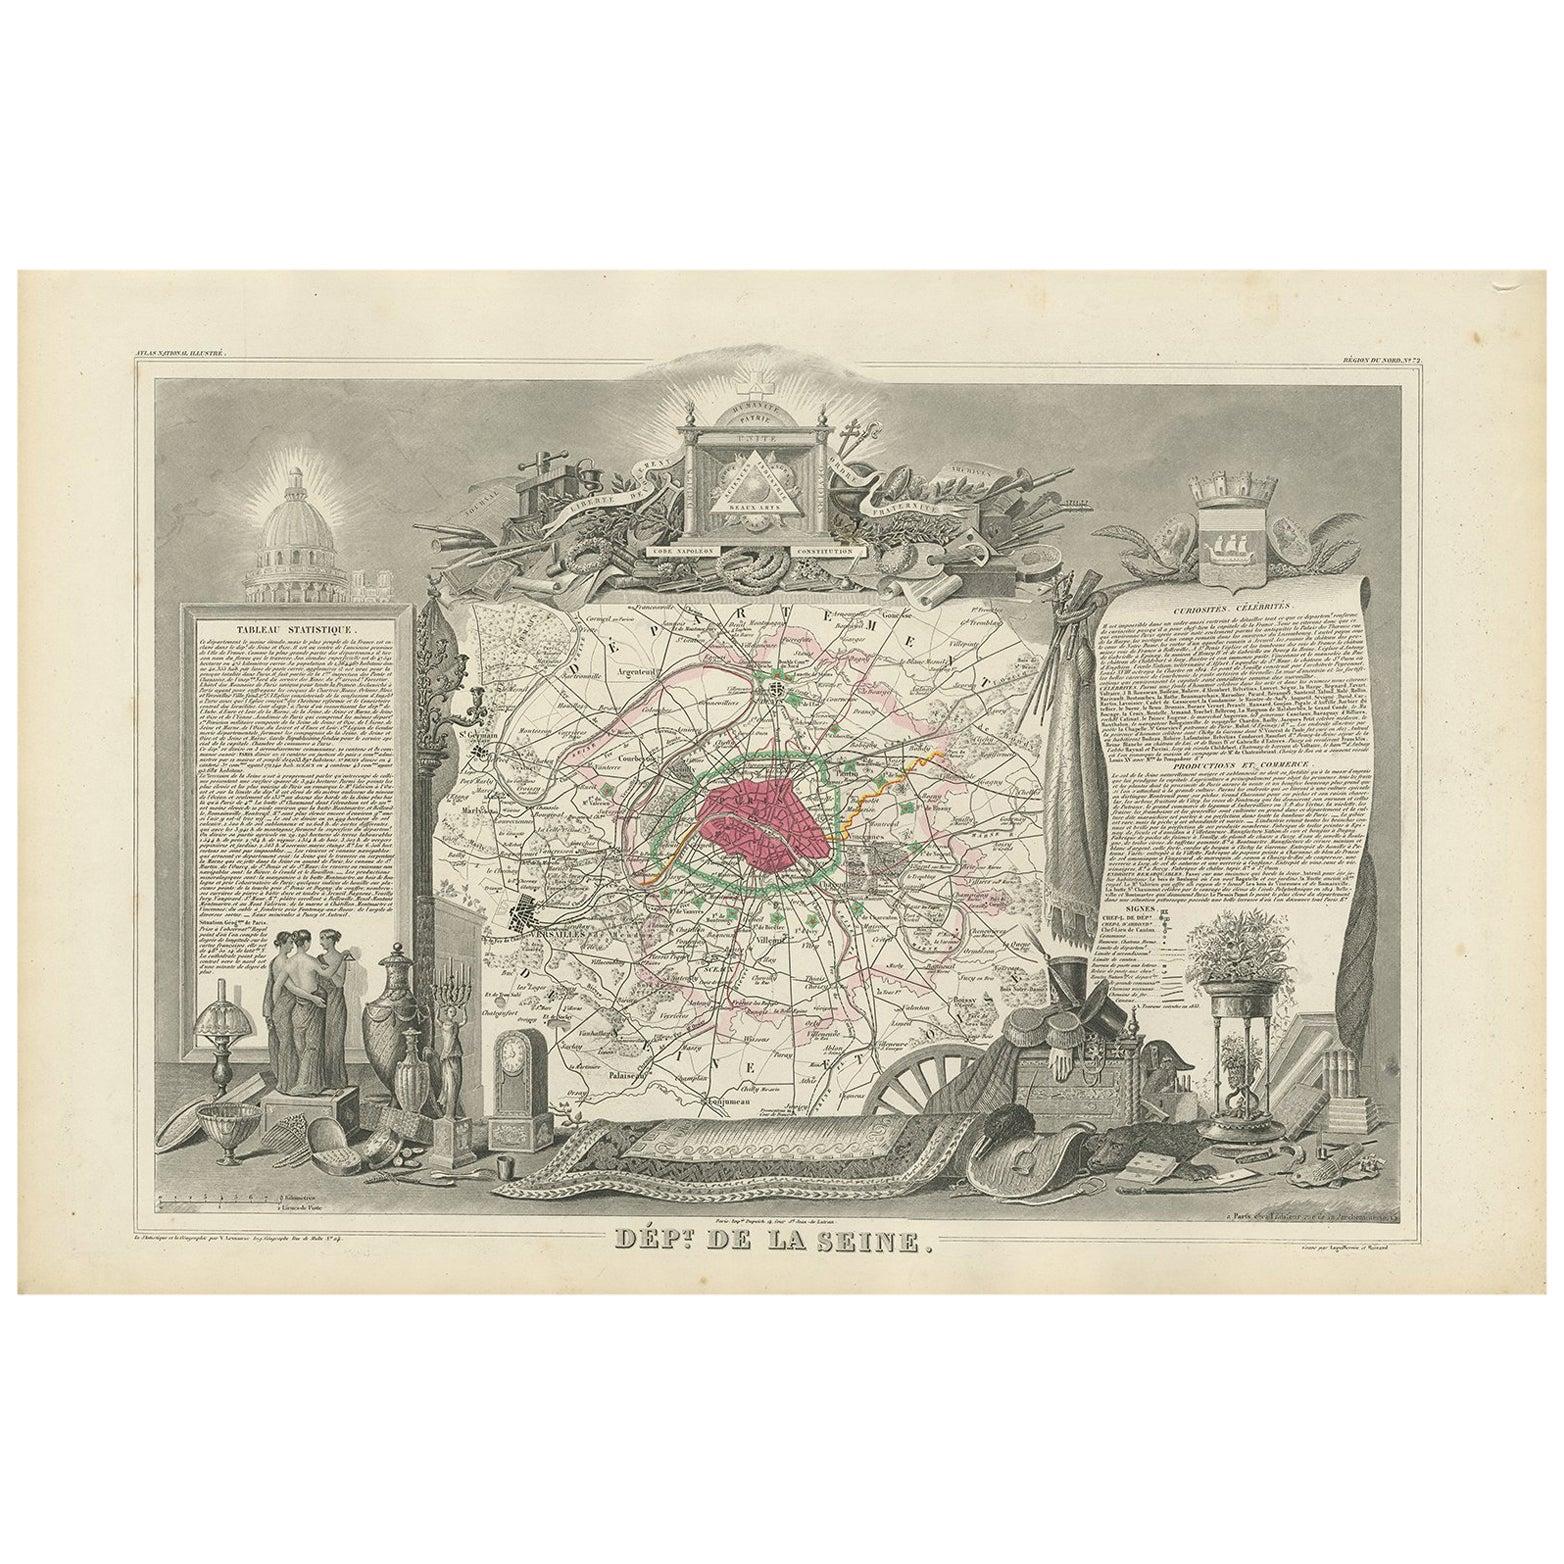 Antique Map of Seine 'France' by V. Levasseur, 1854